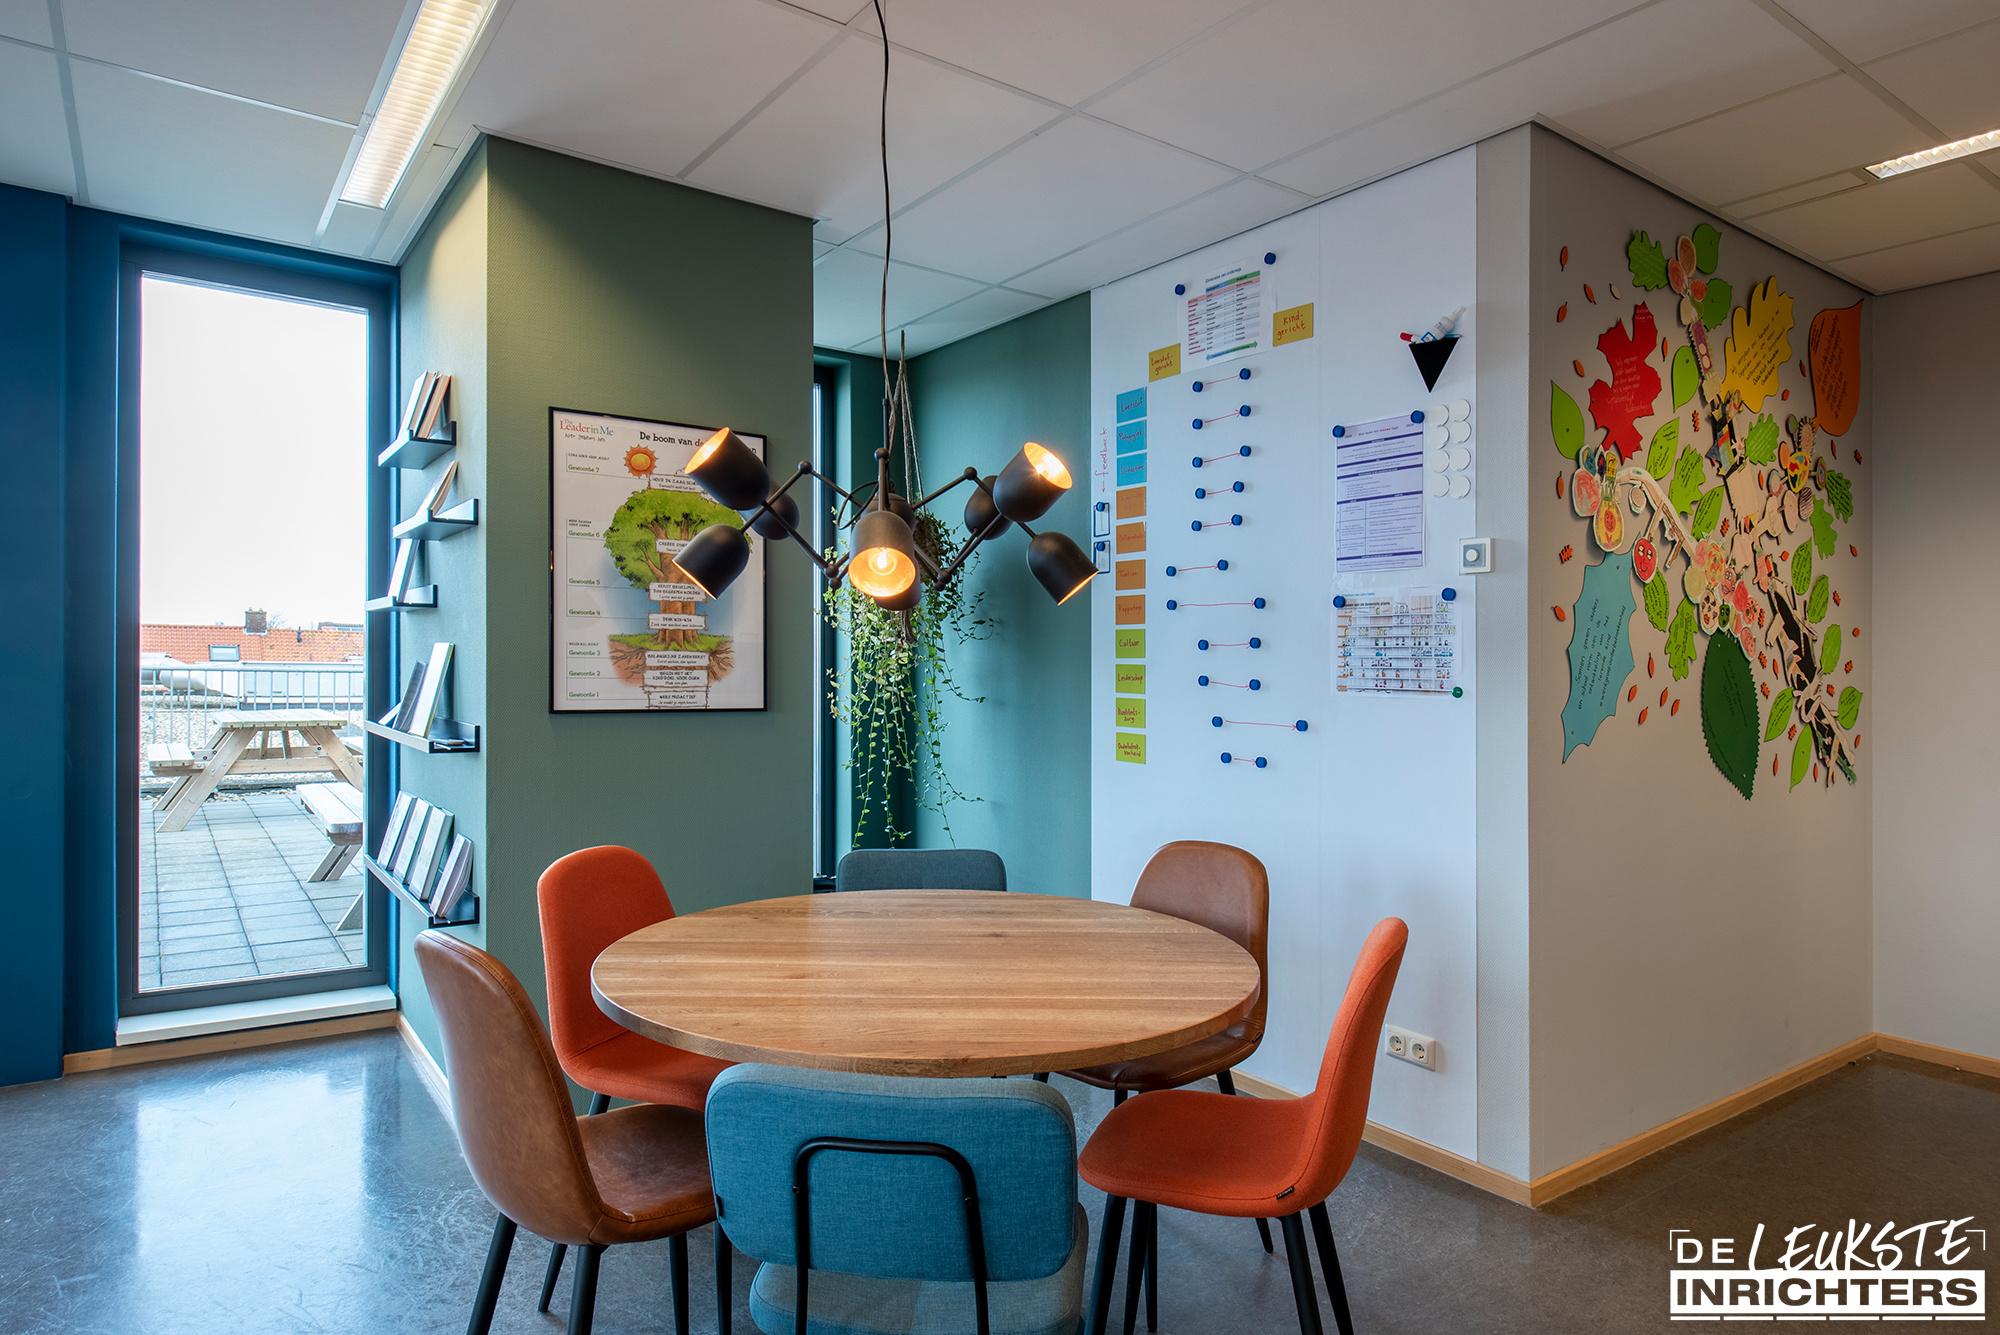 Personeelskamer inrichting De Windwijzer Den Helder inspiratie informatie inspiratie hoek